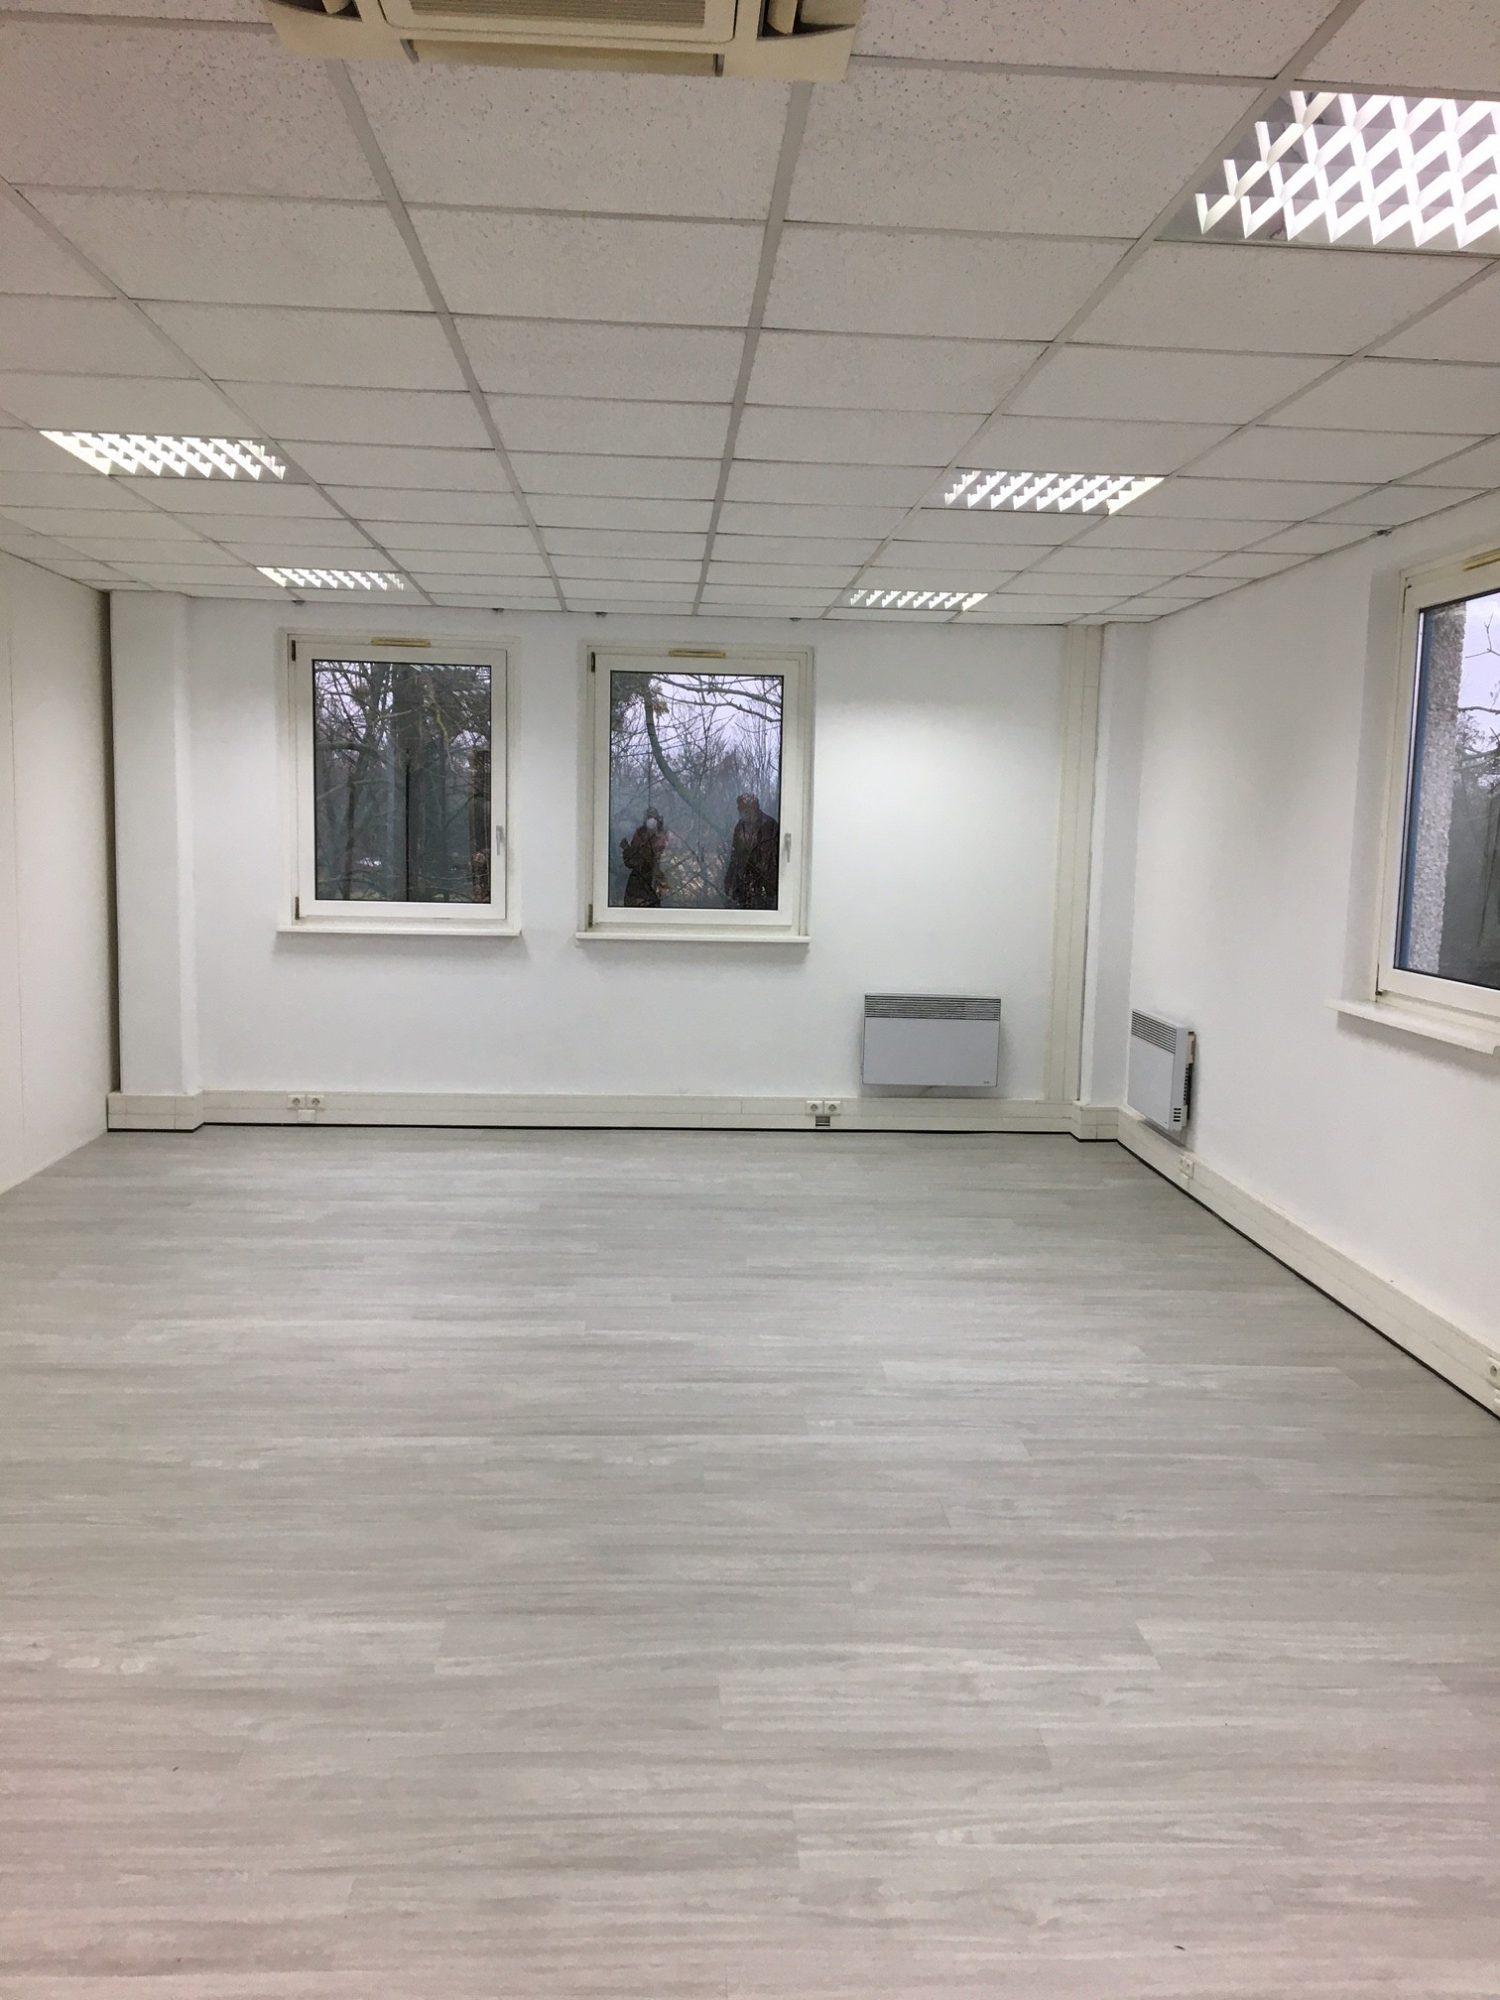 Bureaux rénovés dès 37 m² à Hoenheim